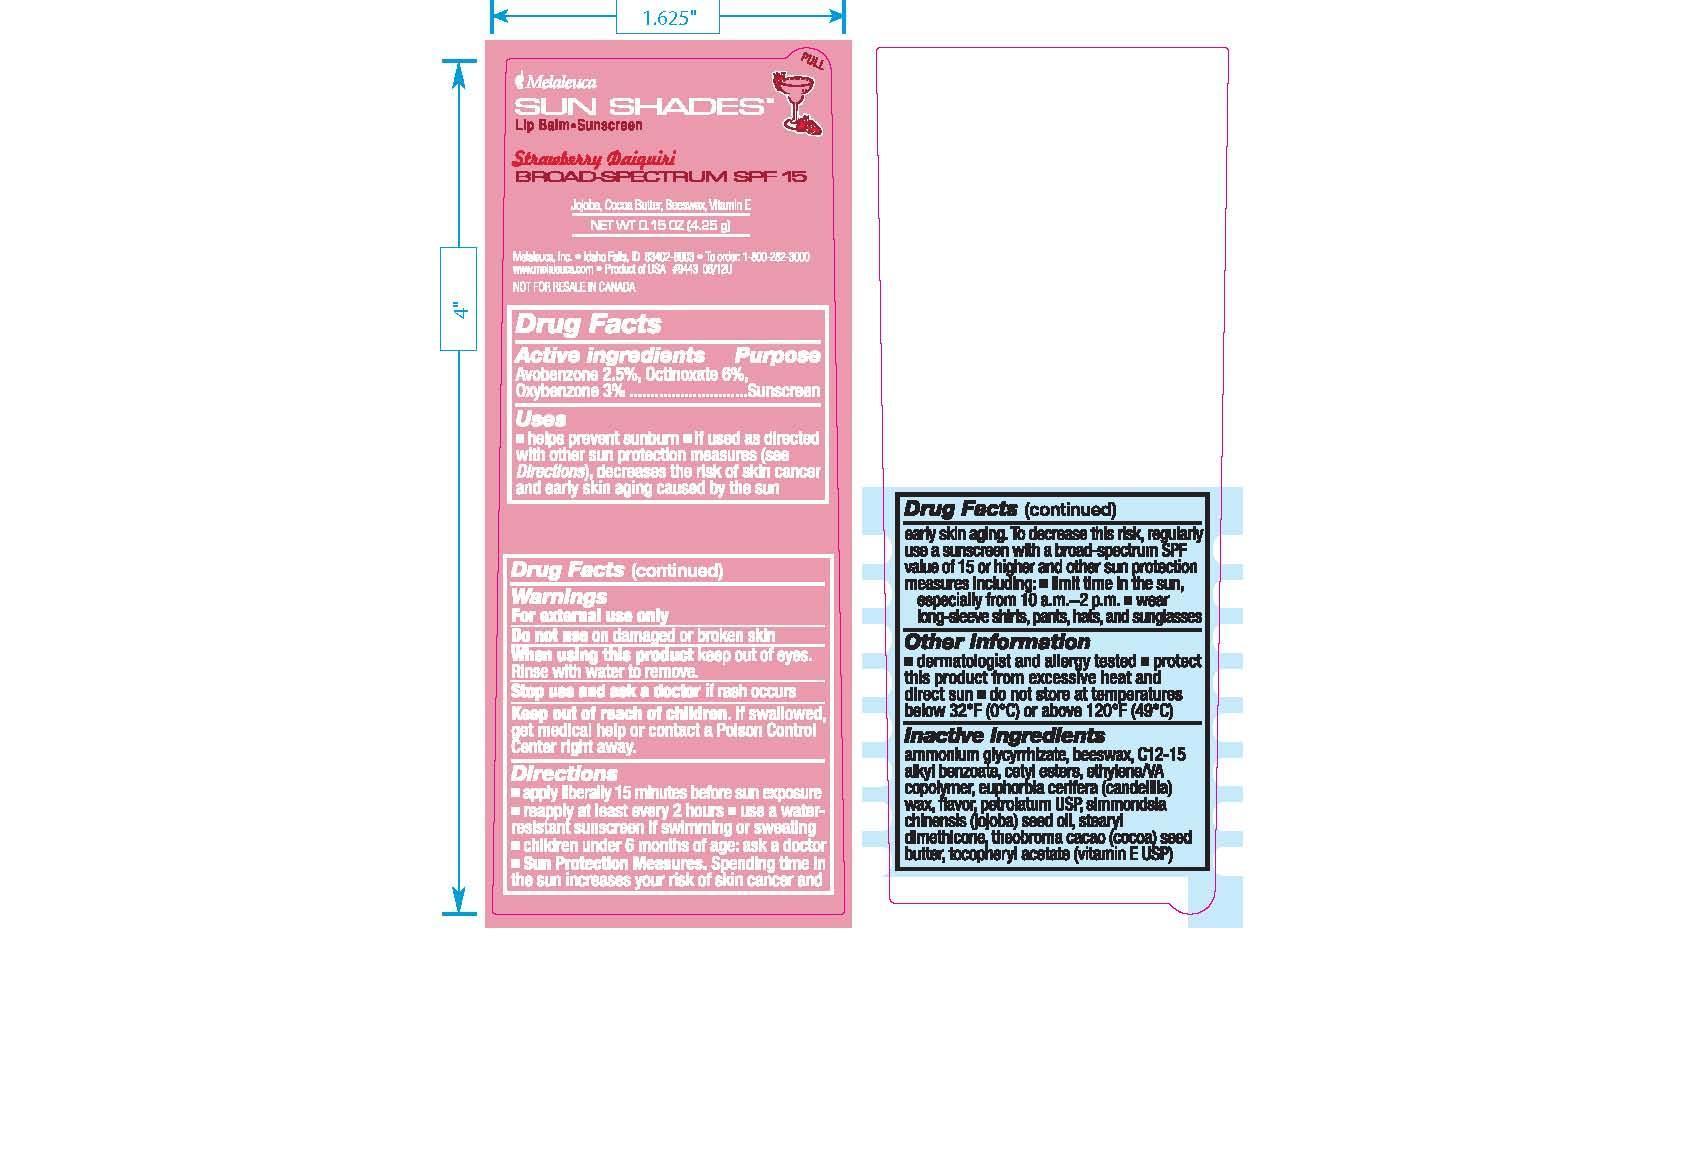 Sun Shades Lip Balm Strawberry Daiquiri (Avobenzone 2.5%, Octinoxate 6%, Oxybenzone 3%) Stick [Melaleuca Inc.]